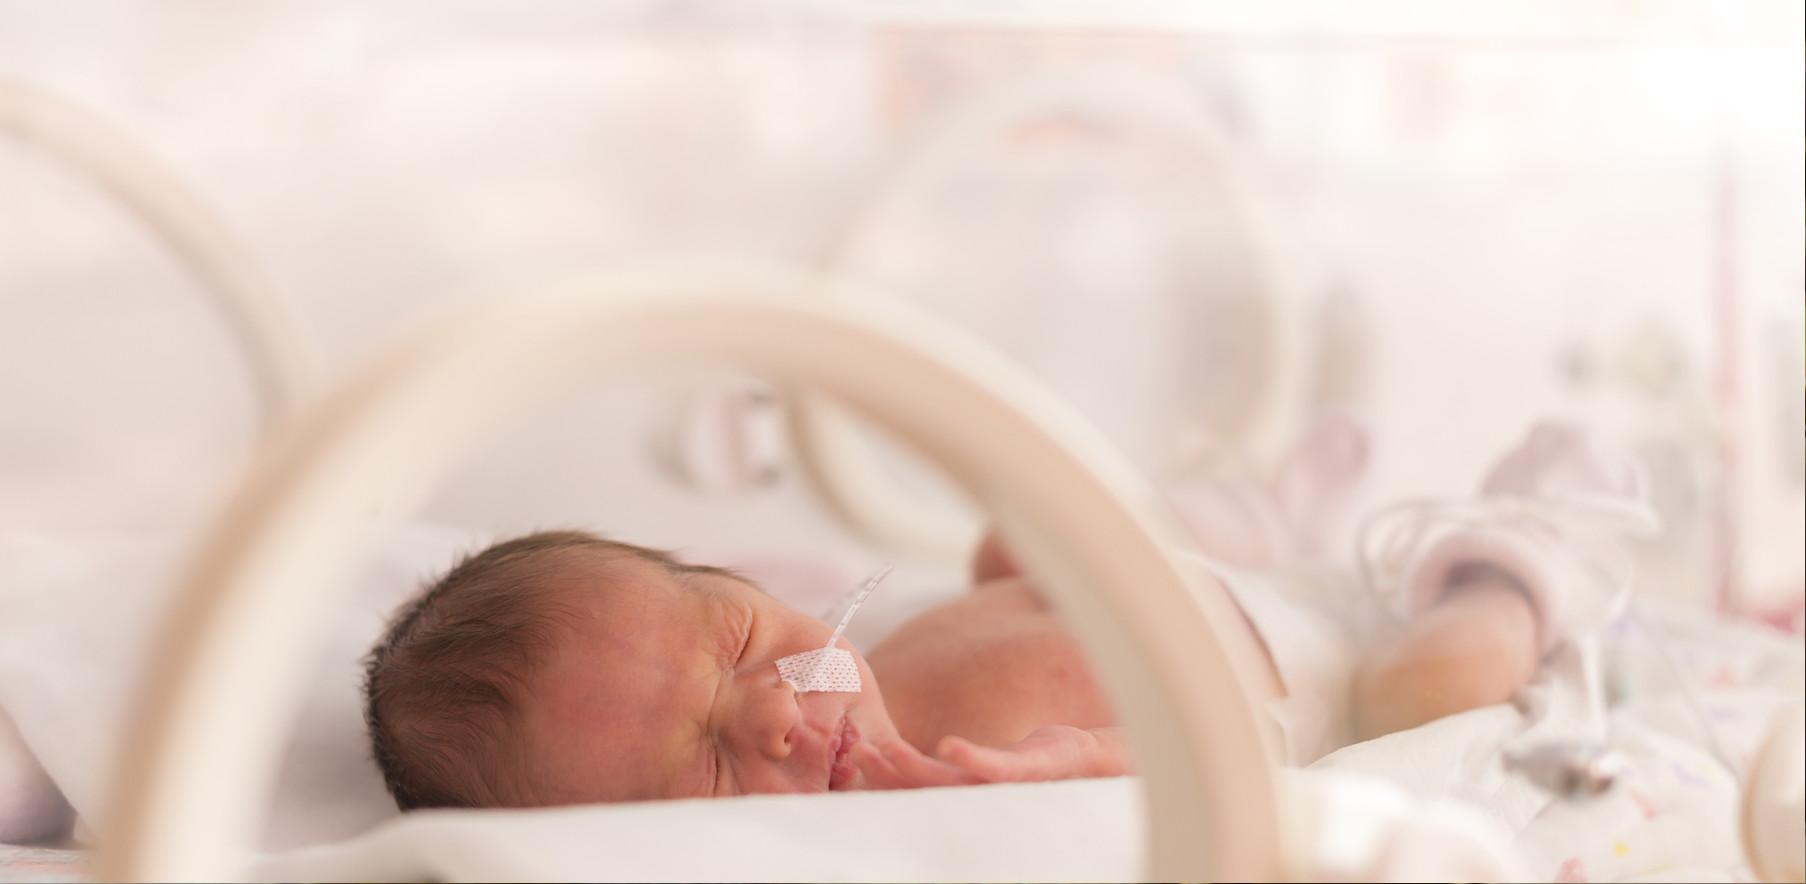 Недоношенный ребенок: особенности состояния и этапы выхаживания